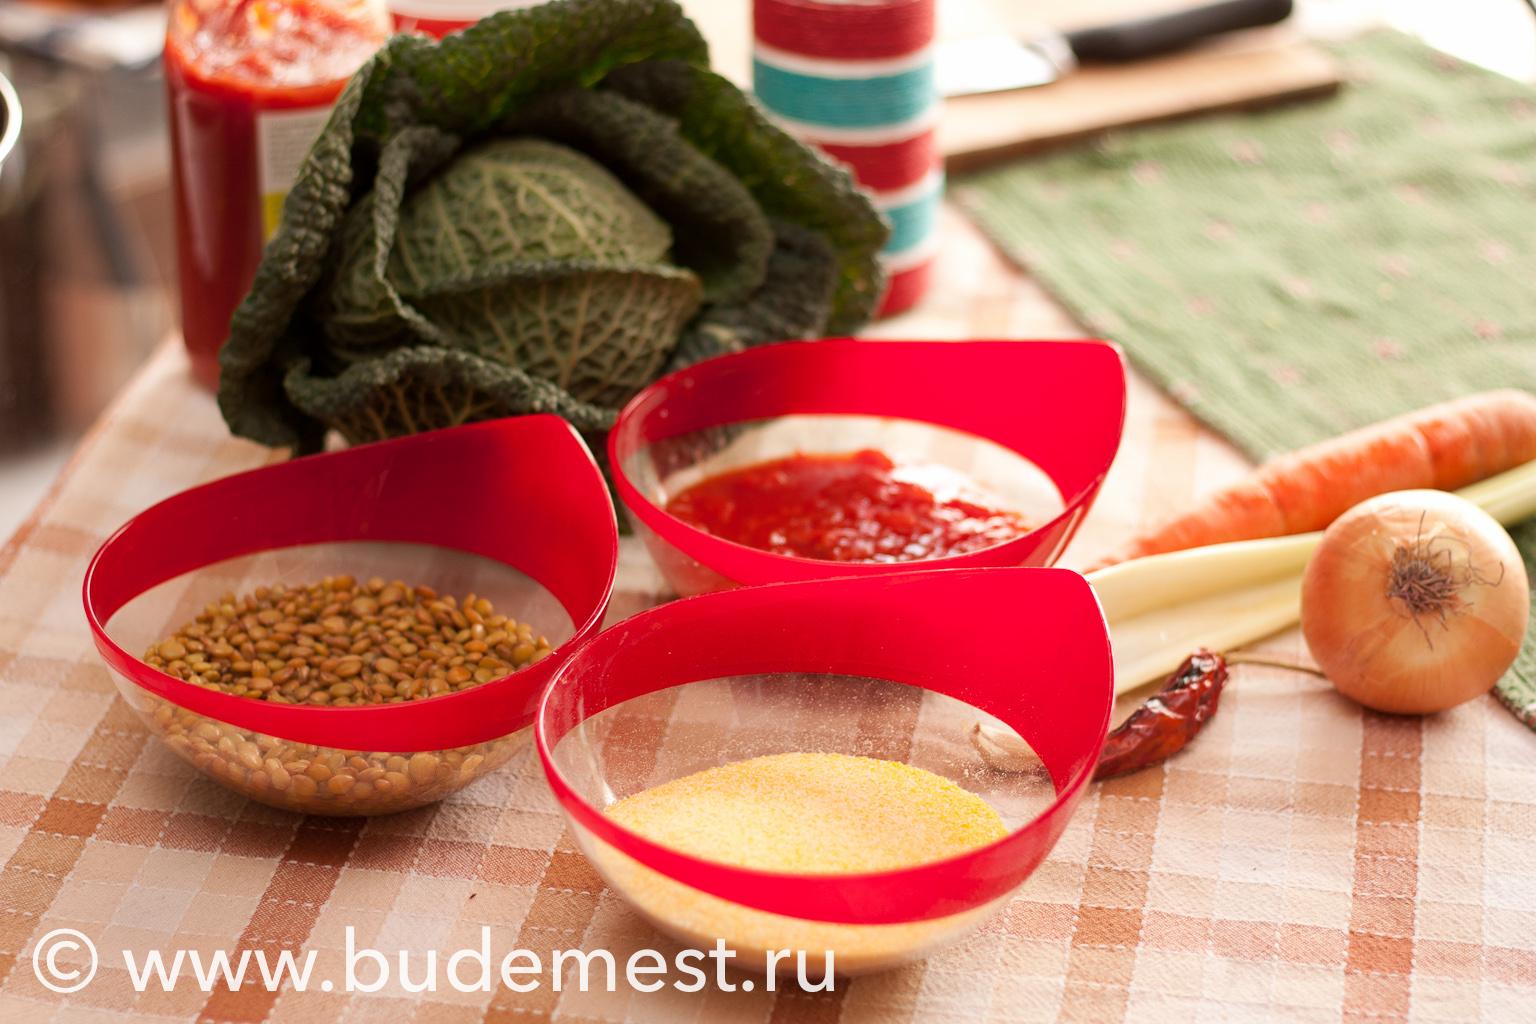 ИНгредиенты для приготовления поленты с капустой и рагу из чечевицы